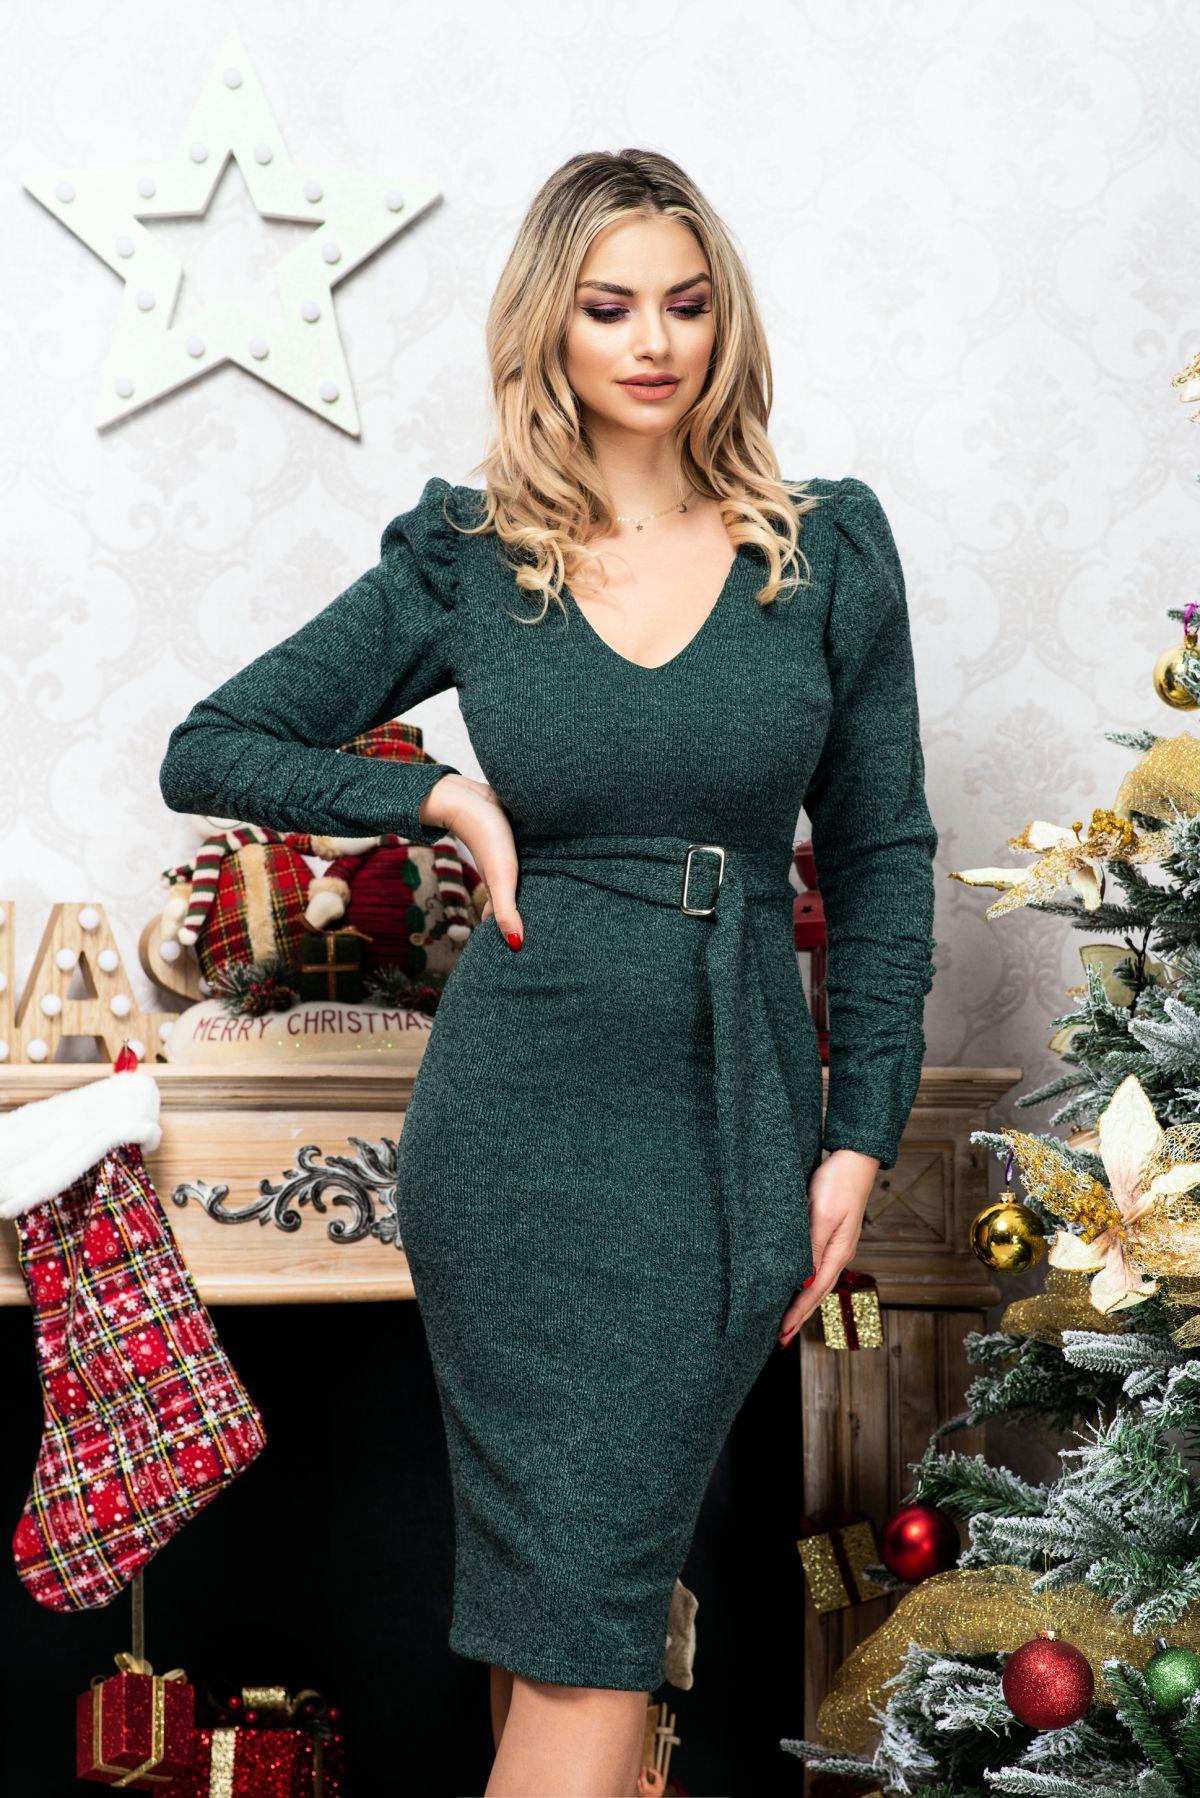 Rochie Moze verde cambrata din tricot cu manci incretite Moze